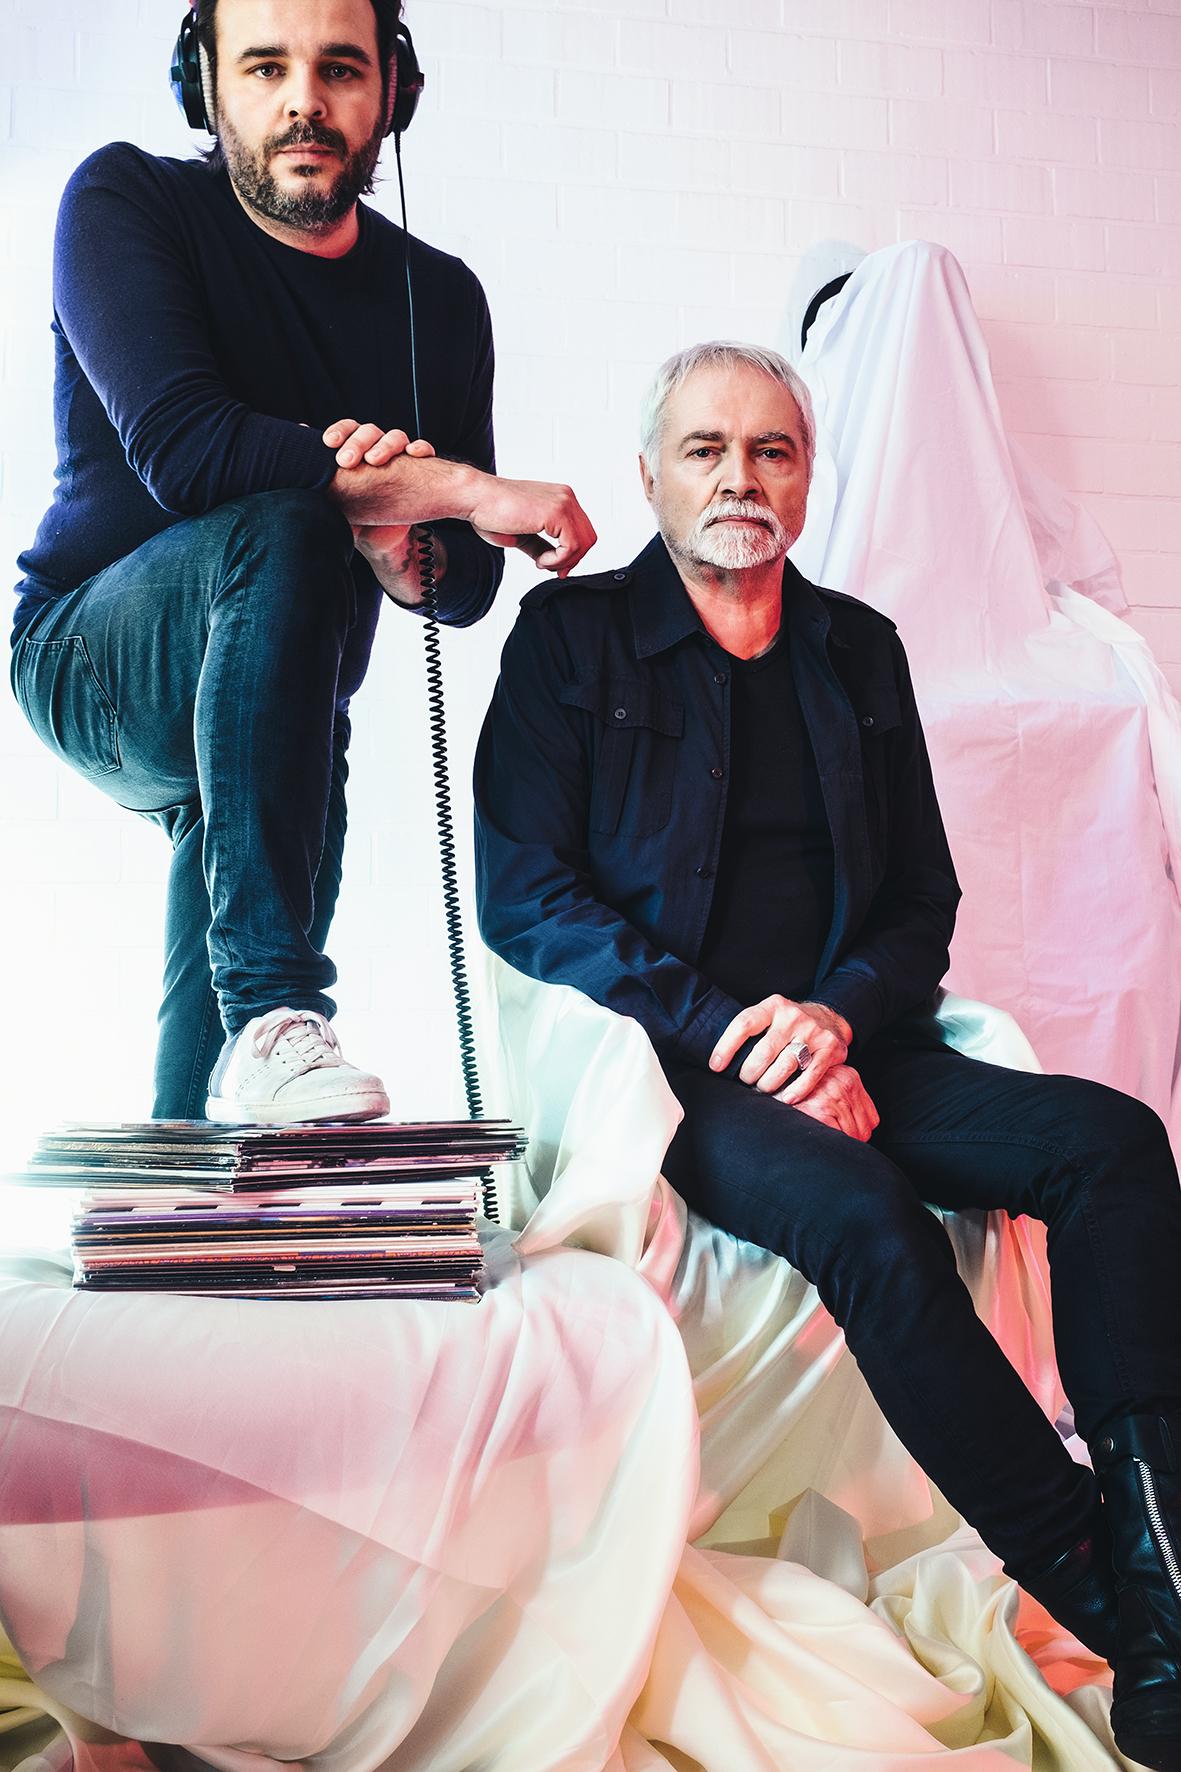 Luc & Eppo Janssen